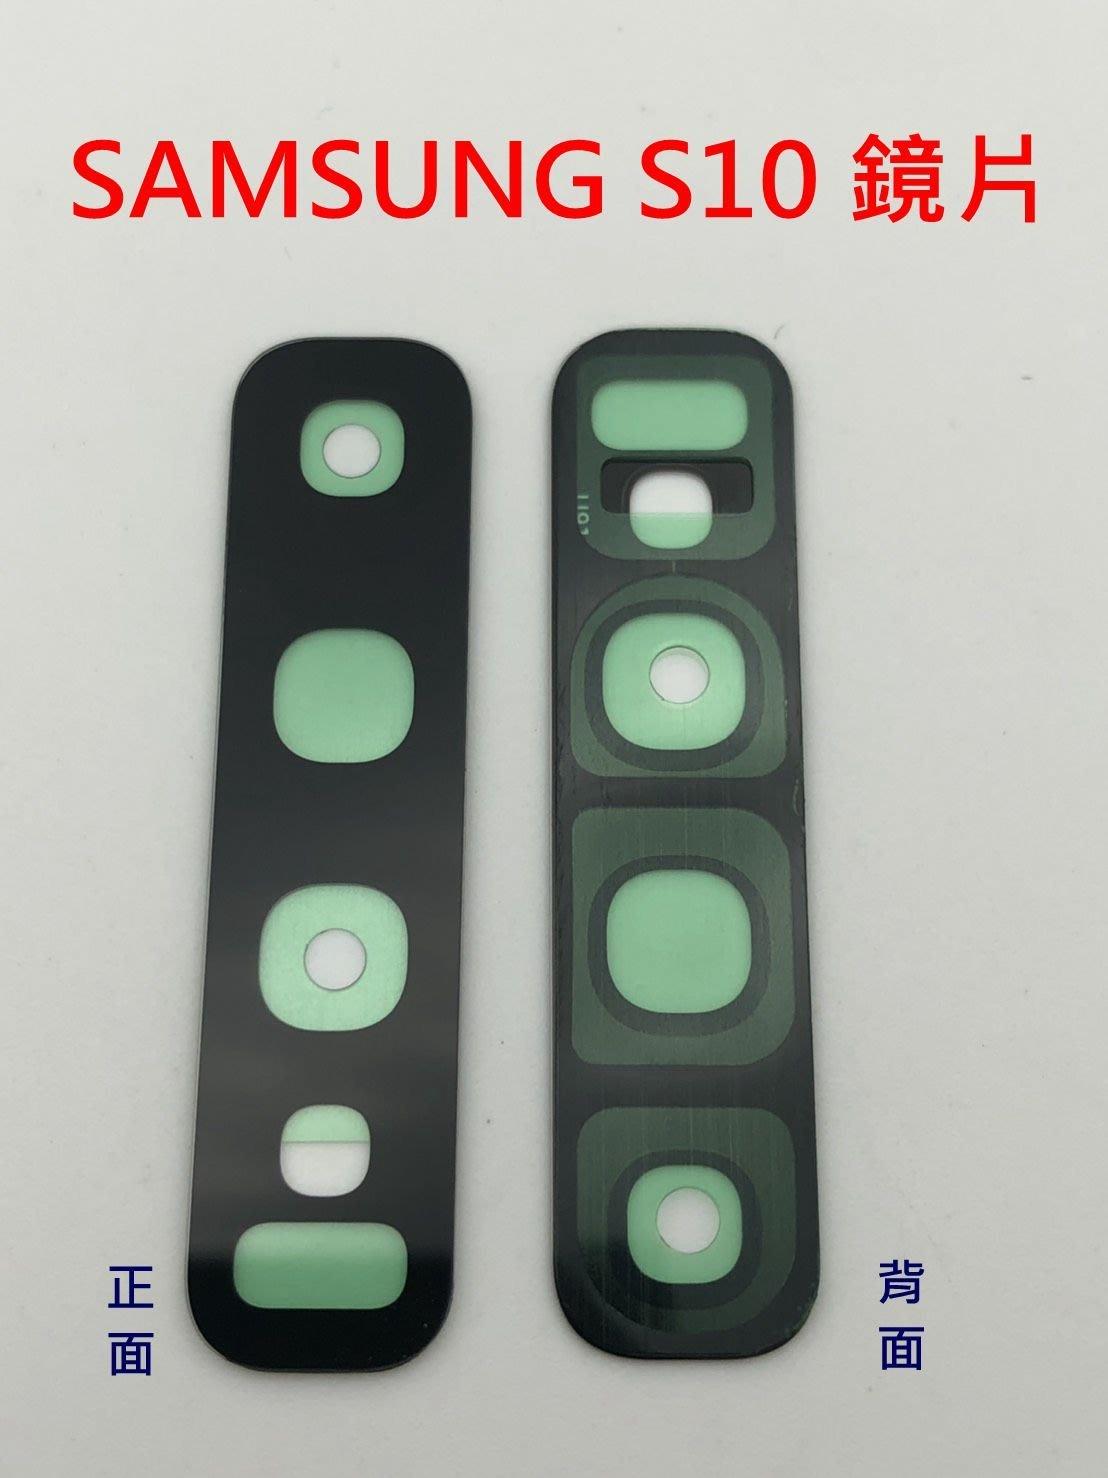 三星 SAMSUNG Galaxy S10+ / S10 鏡片 外玻璃 鏡頭模糊 裂痕 刮傷